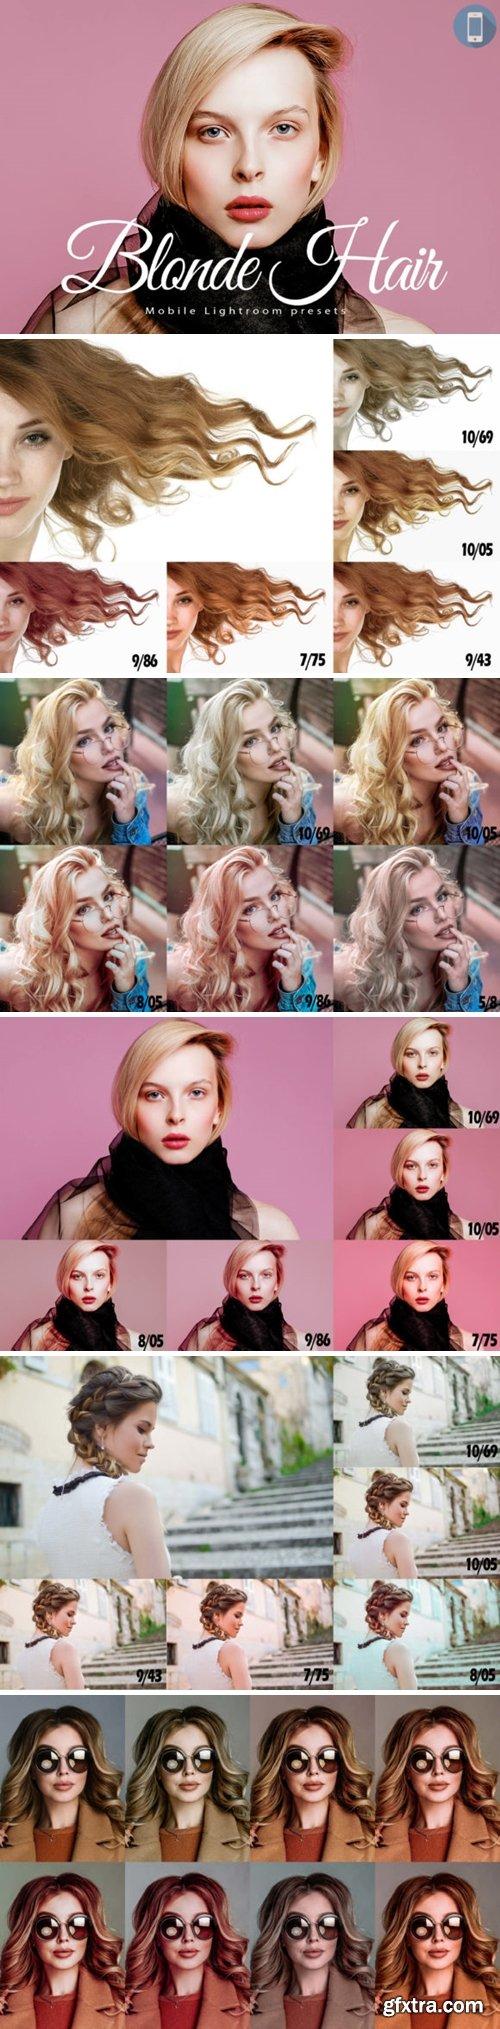 14 Blonde Hair Mobile Lightroom Presets 1700912